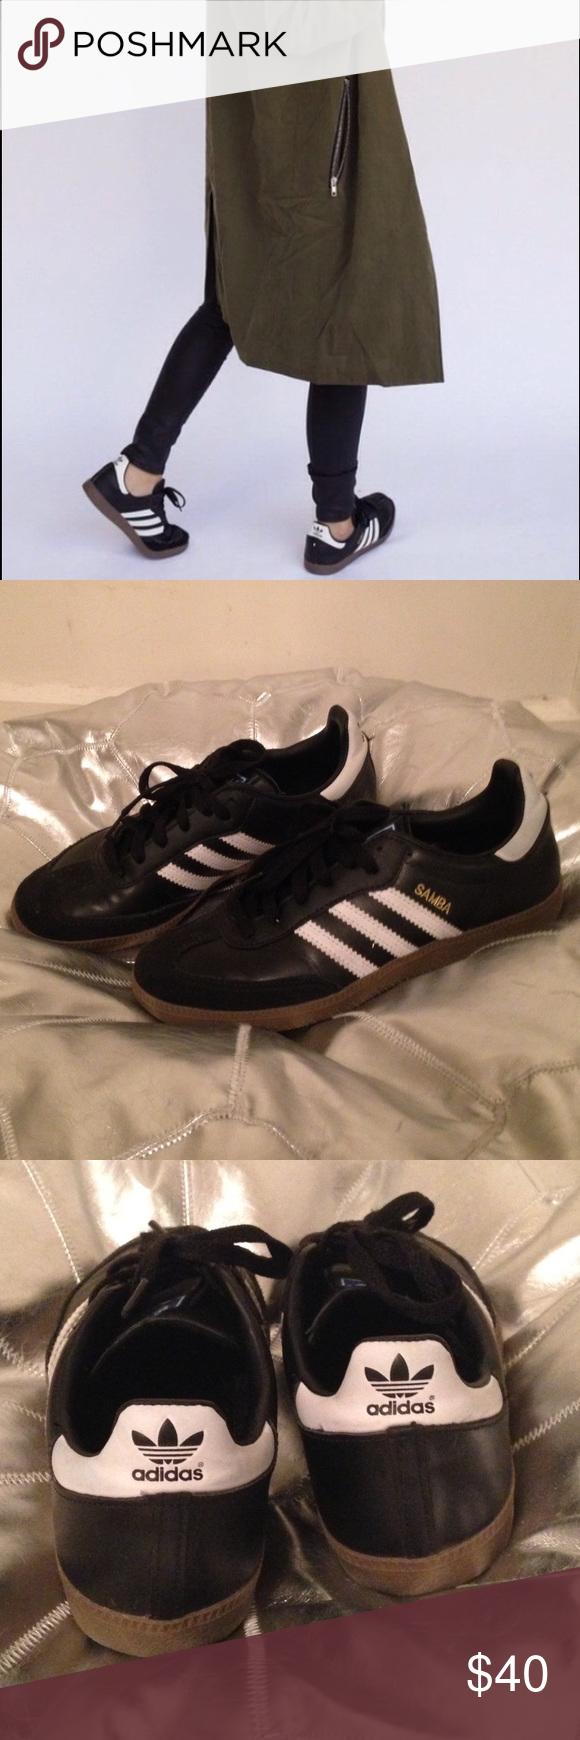 Adidas sambas adidas, scarpe da ginnastica e atletica